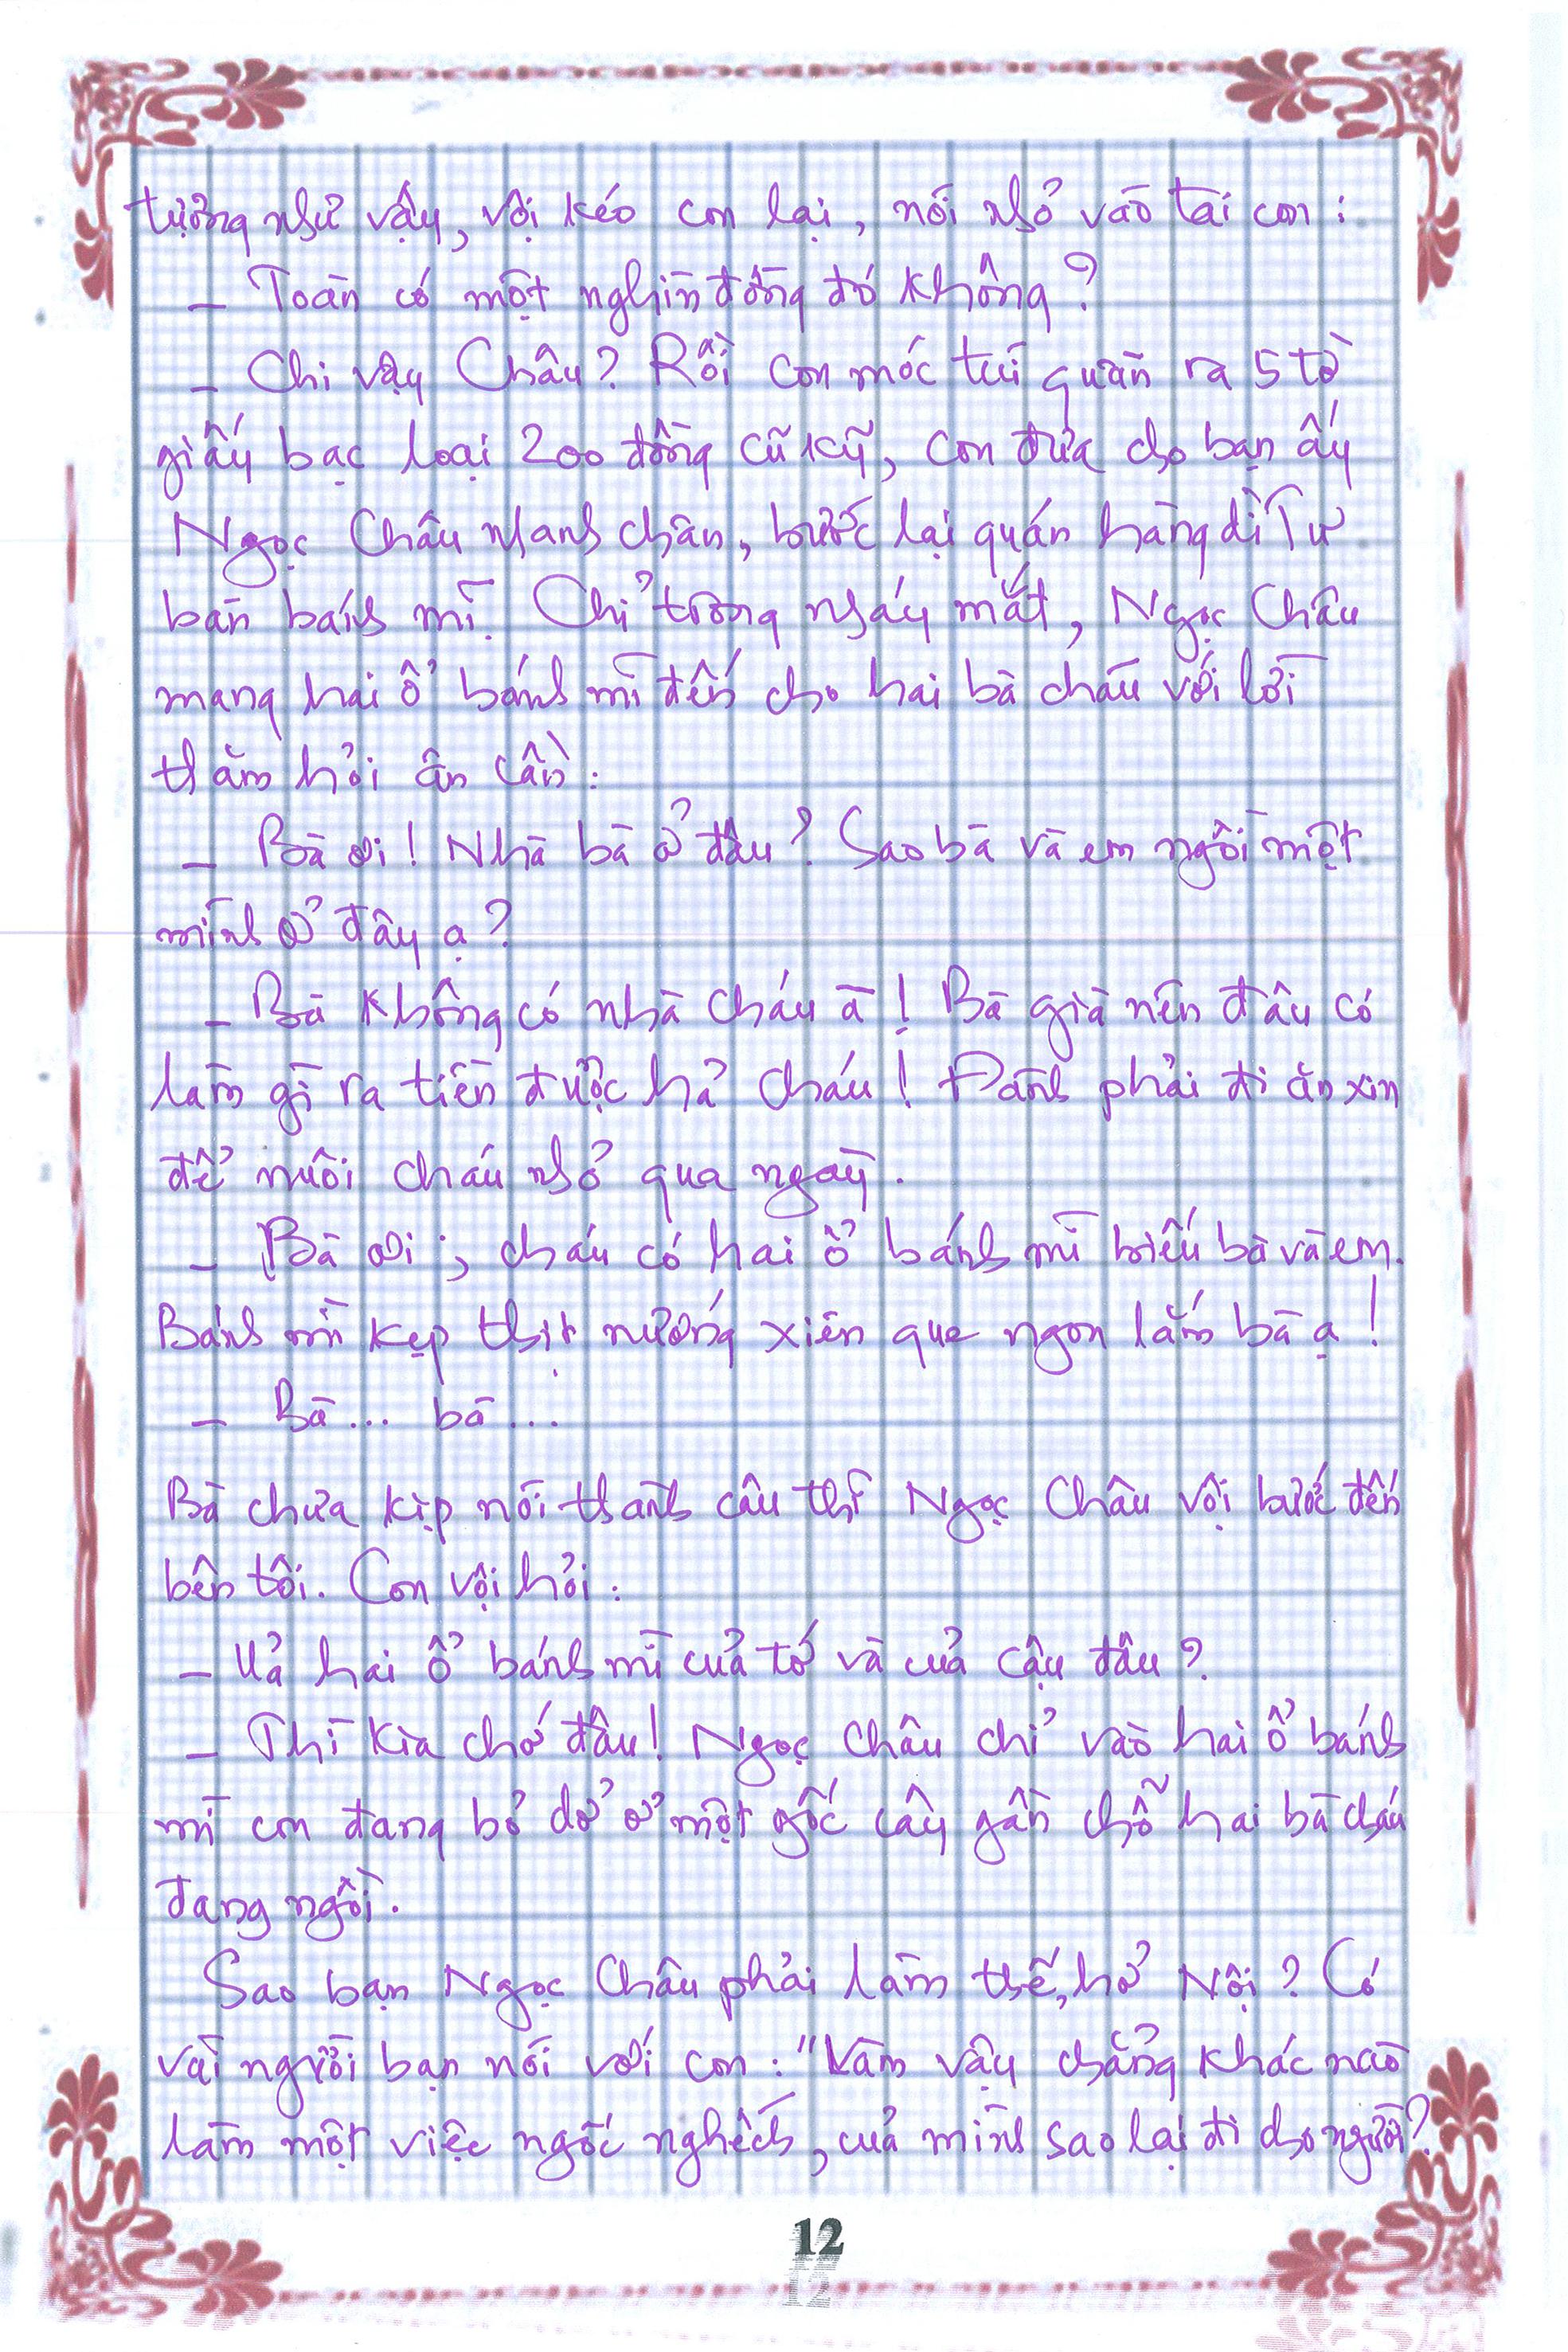 12 1 - [20/11 và những lá thư tay]: Bức thư mùa thu gửi Nội...